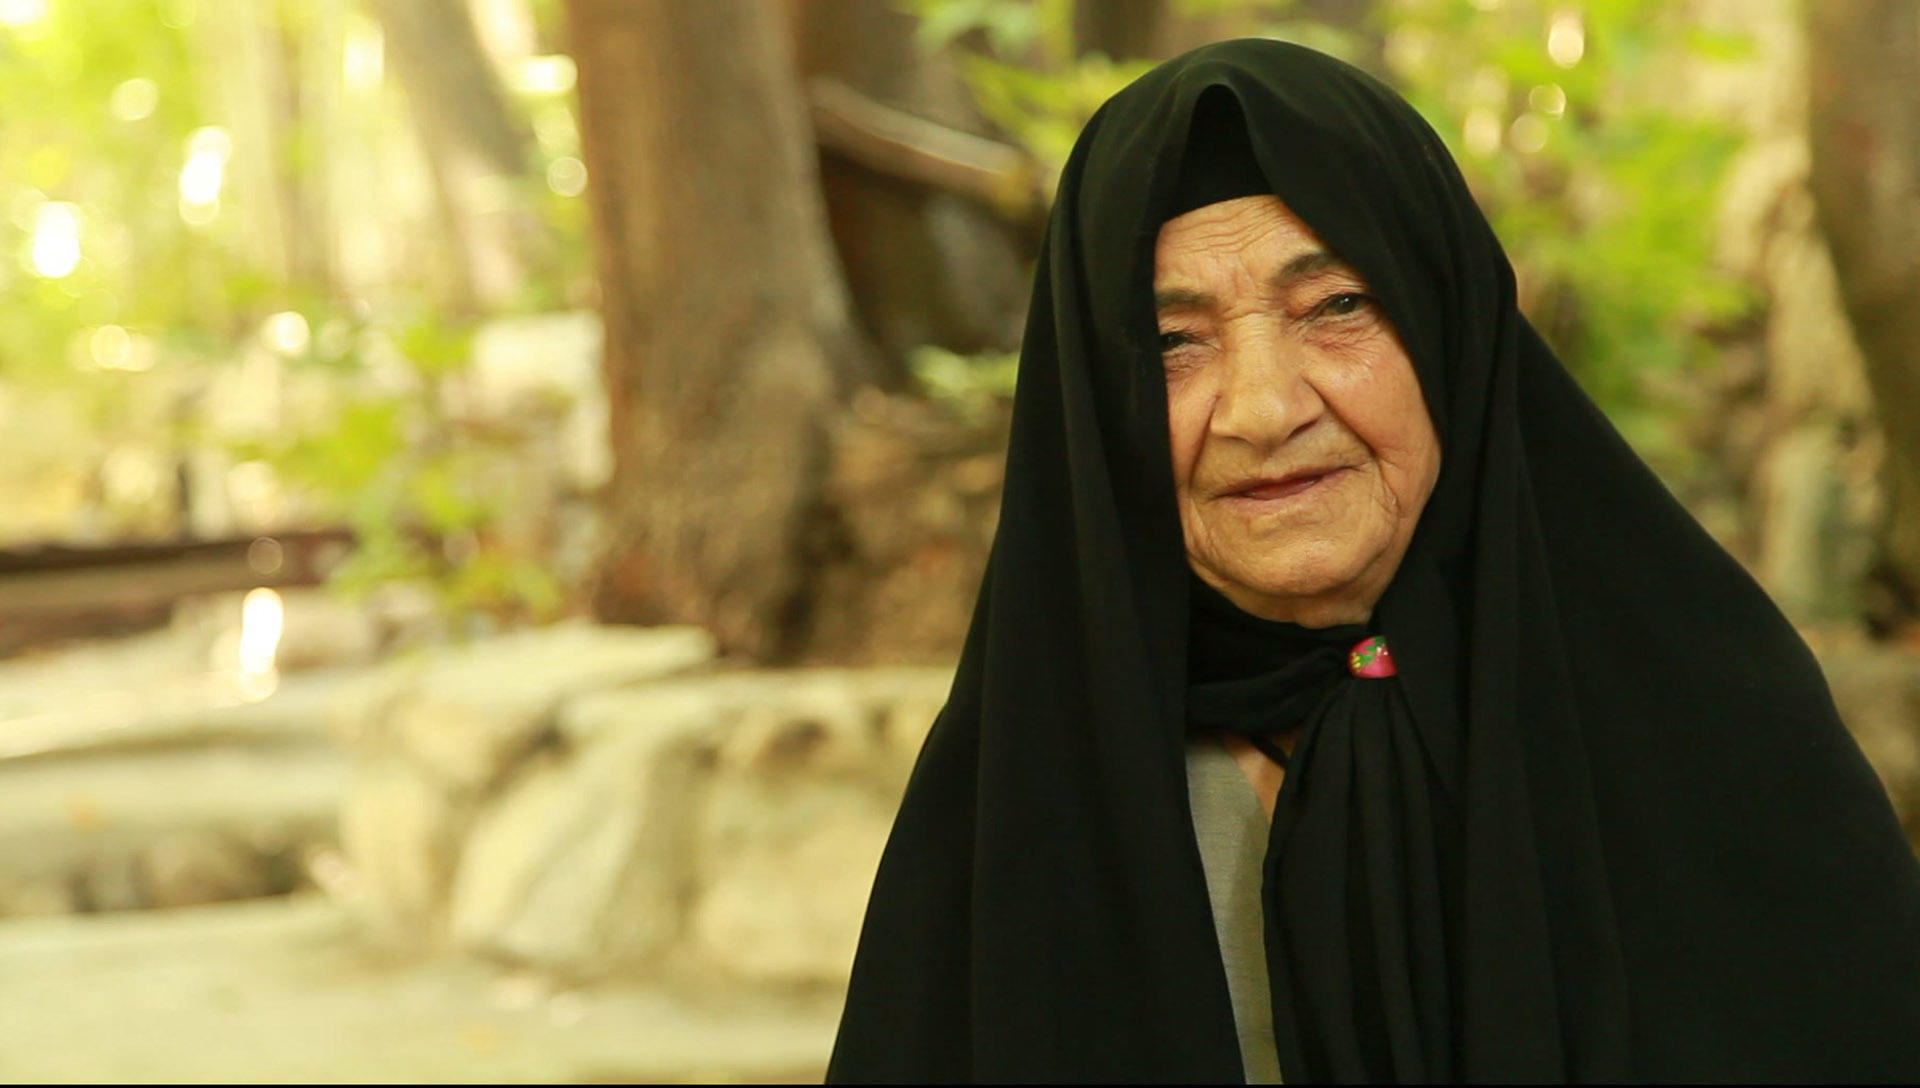 واسونک 001 - شرکت فیلم سازی زوم شیراز برادران شریفی